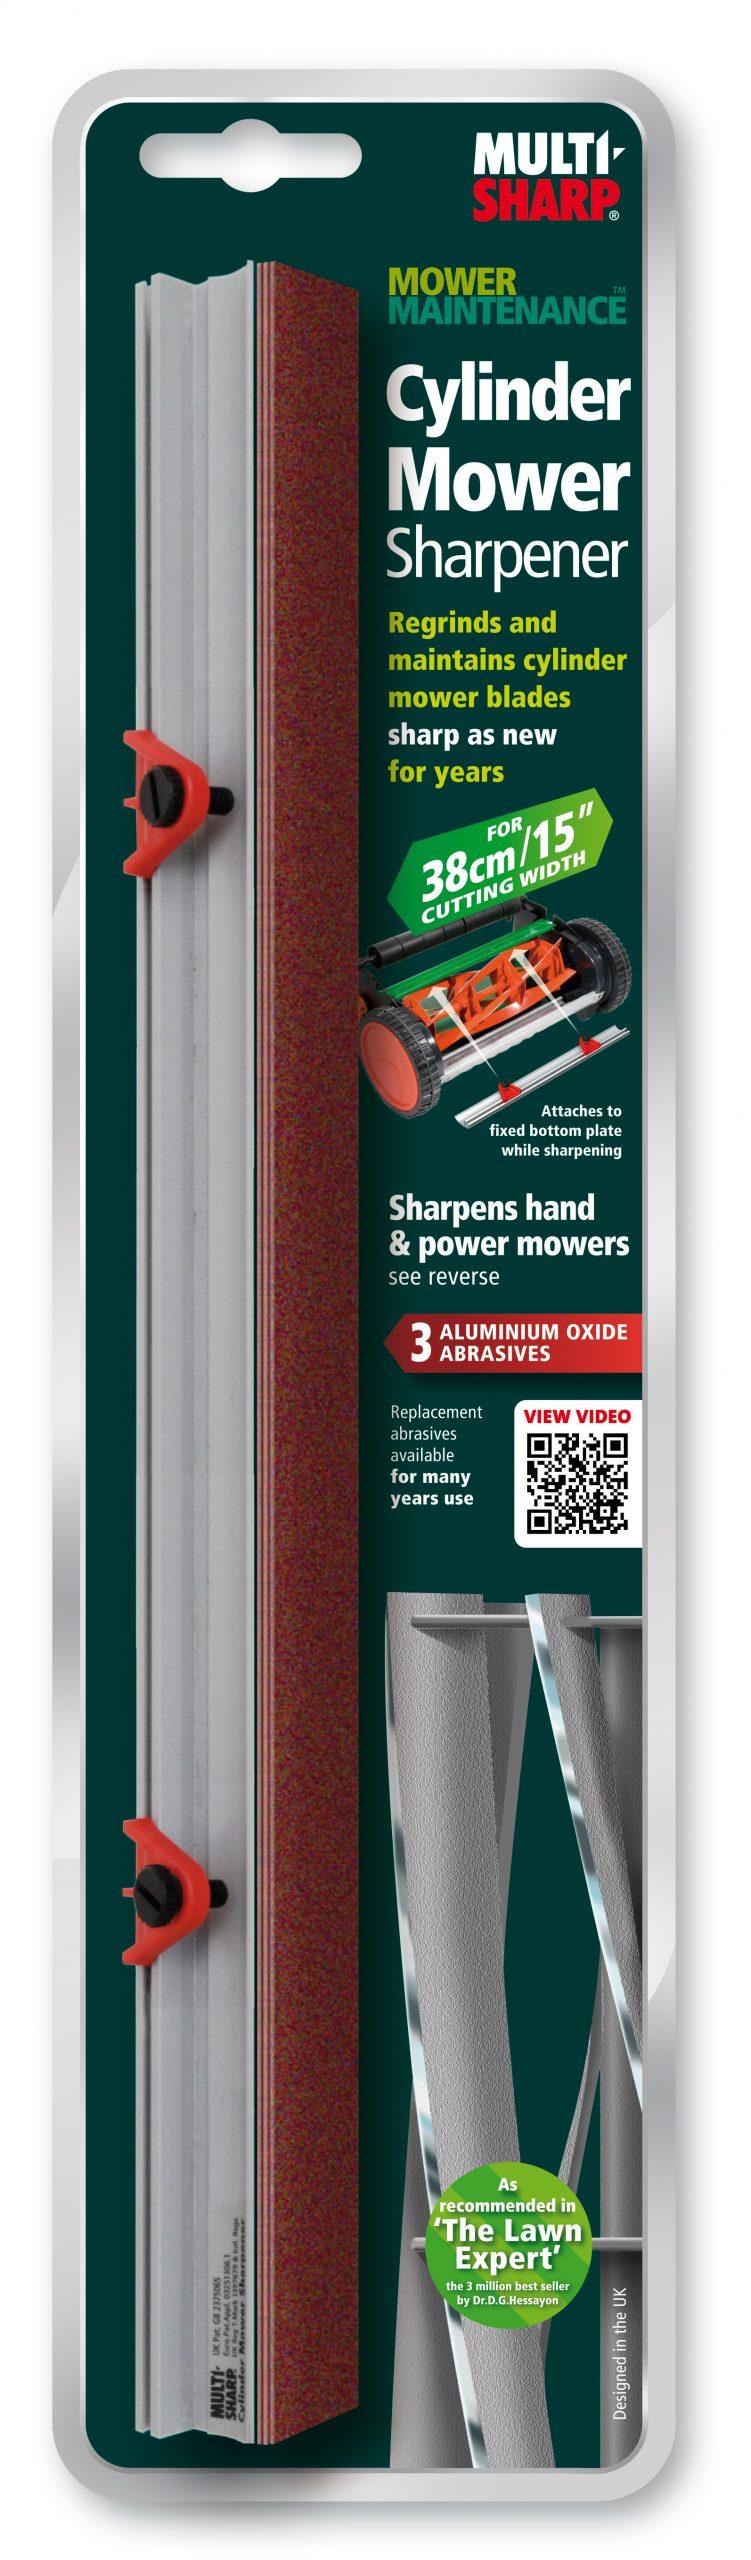 32-38cm Cylinder Mower Sharpener